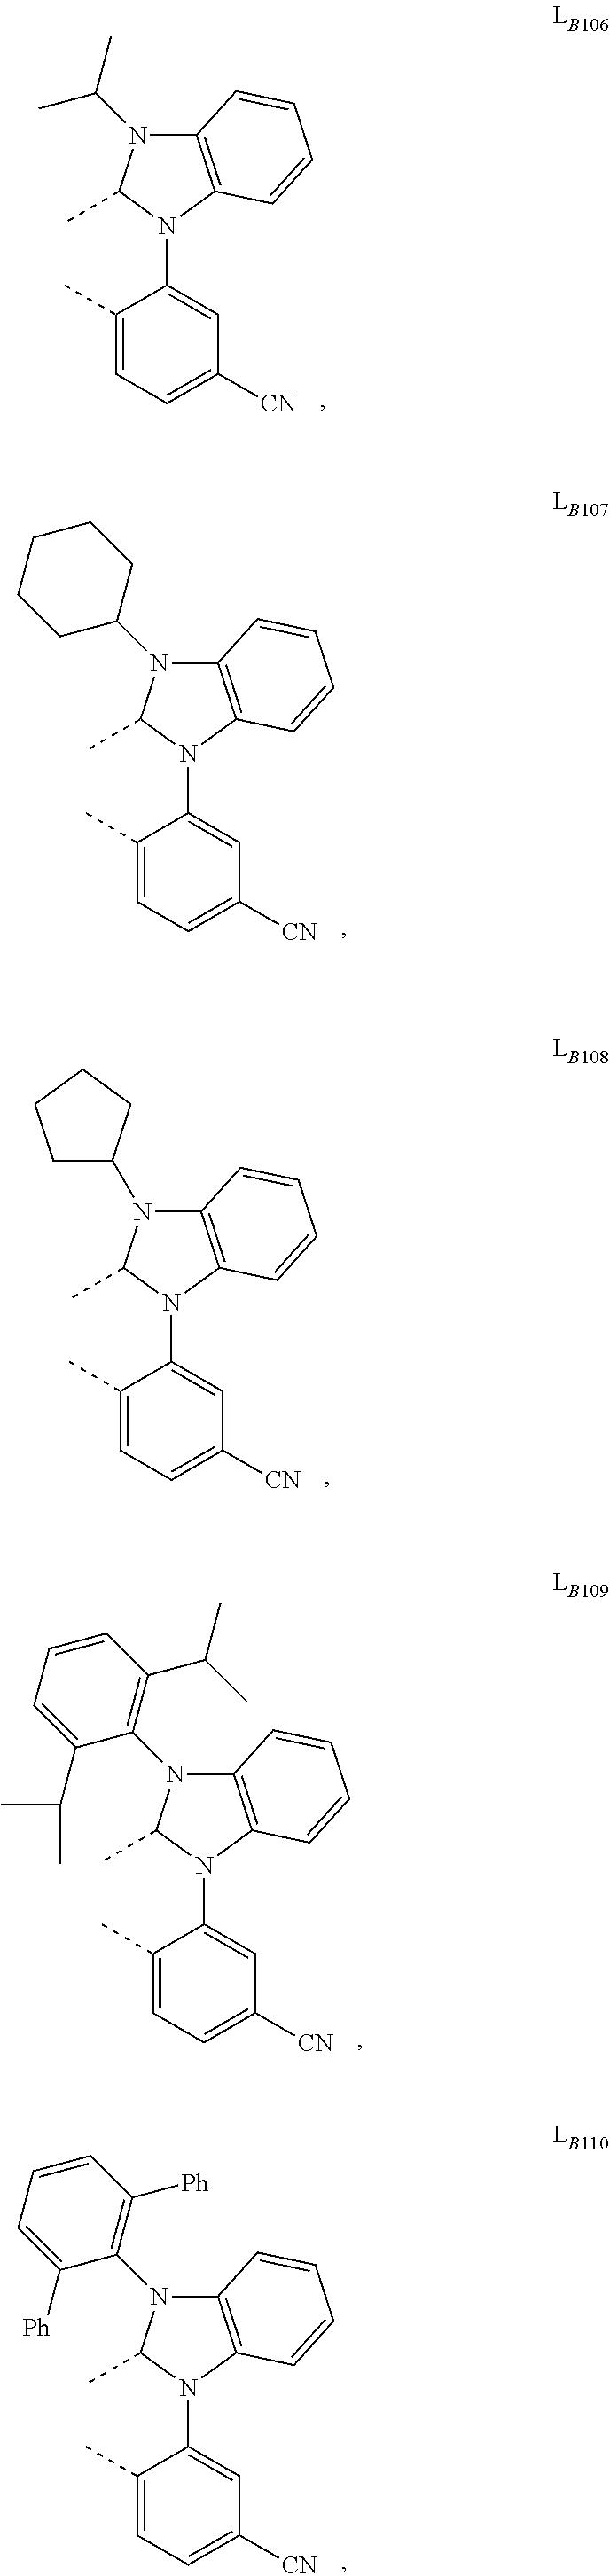 Figure US09905785-20180227-C00581